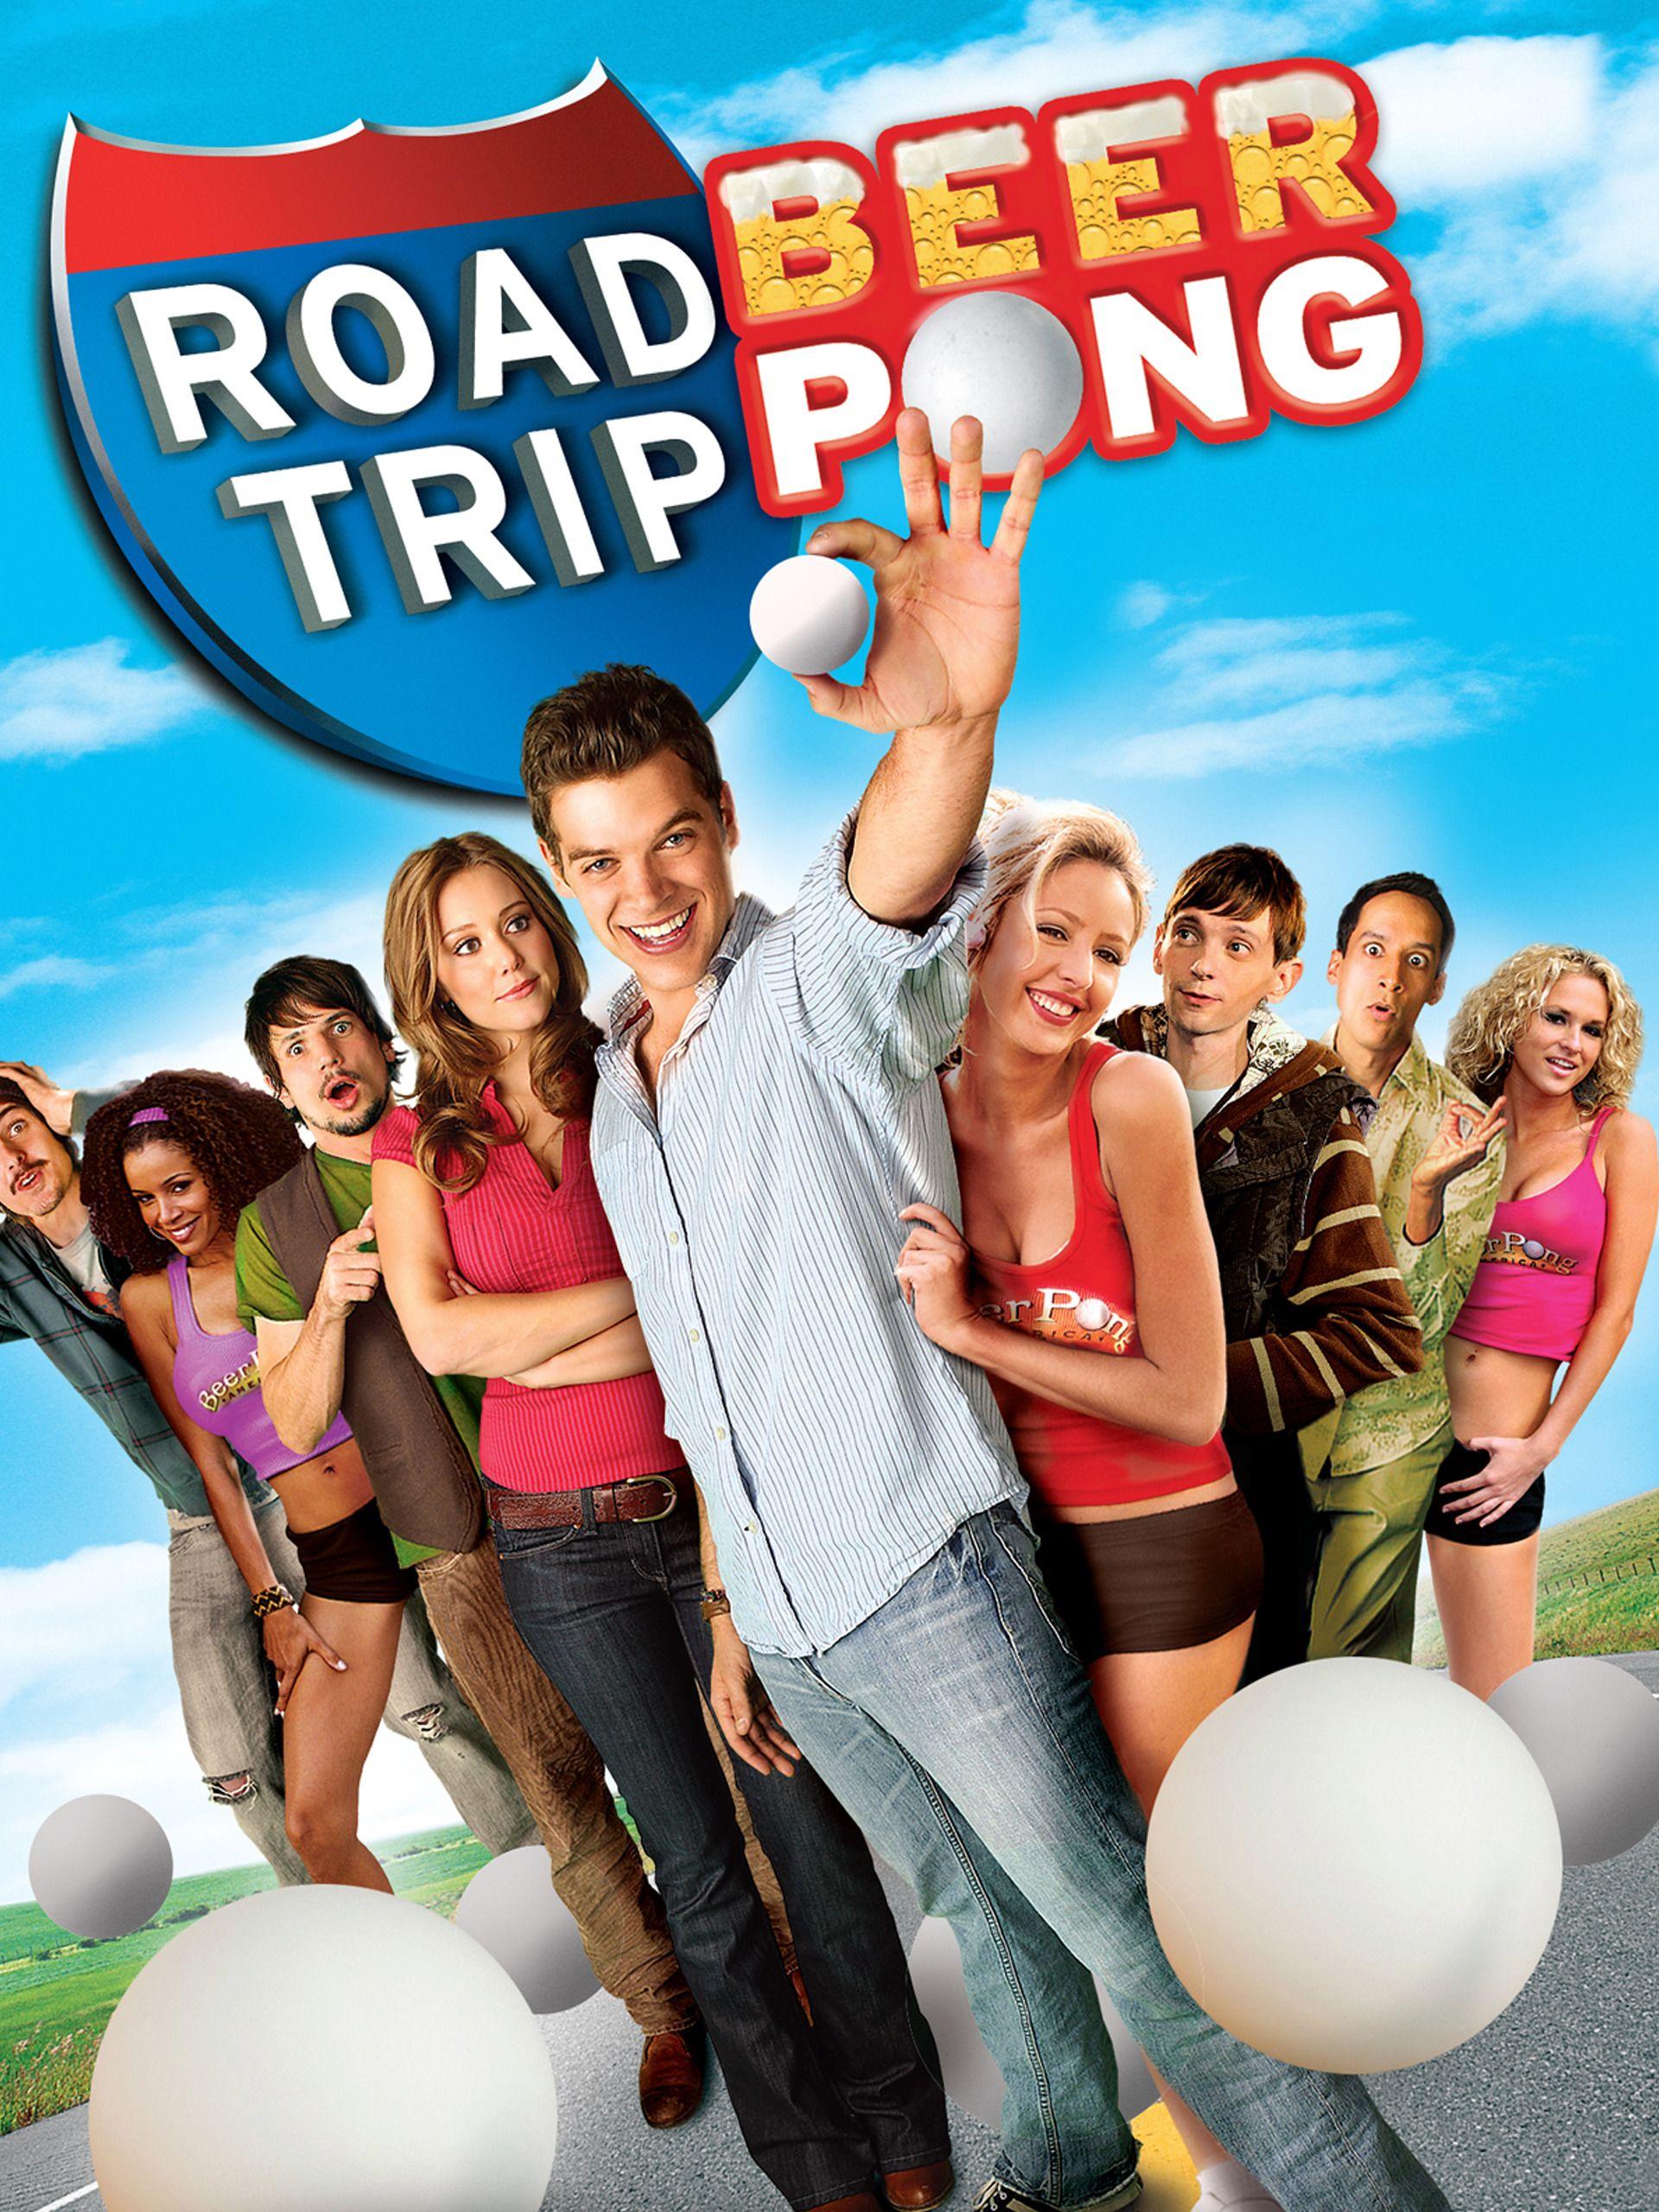 Road Trip Beer Pong Id1588942721